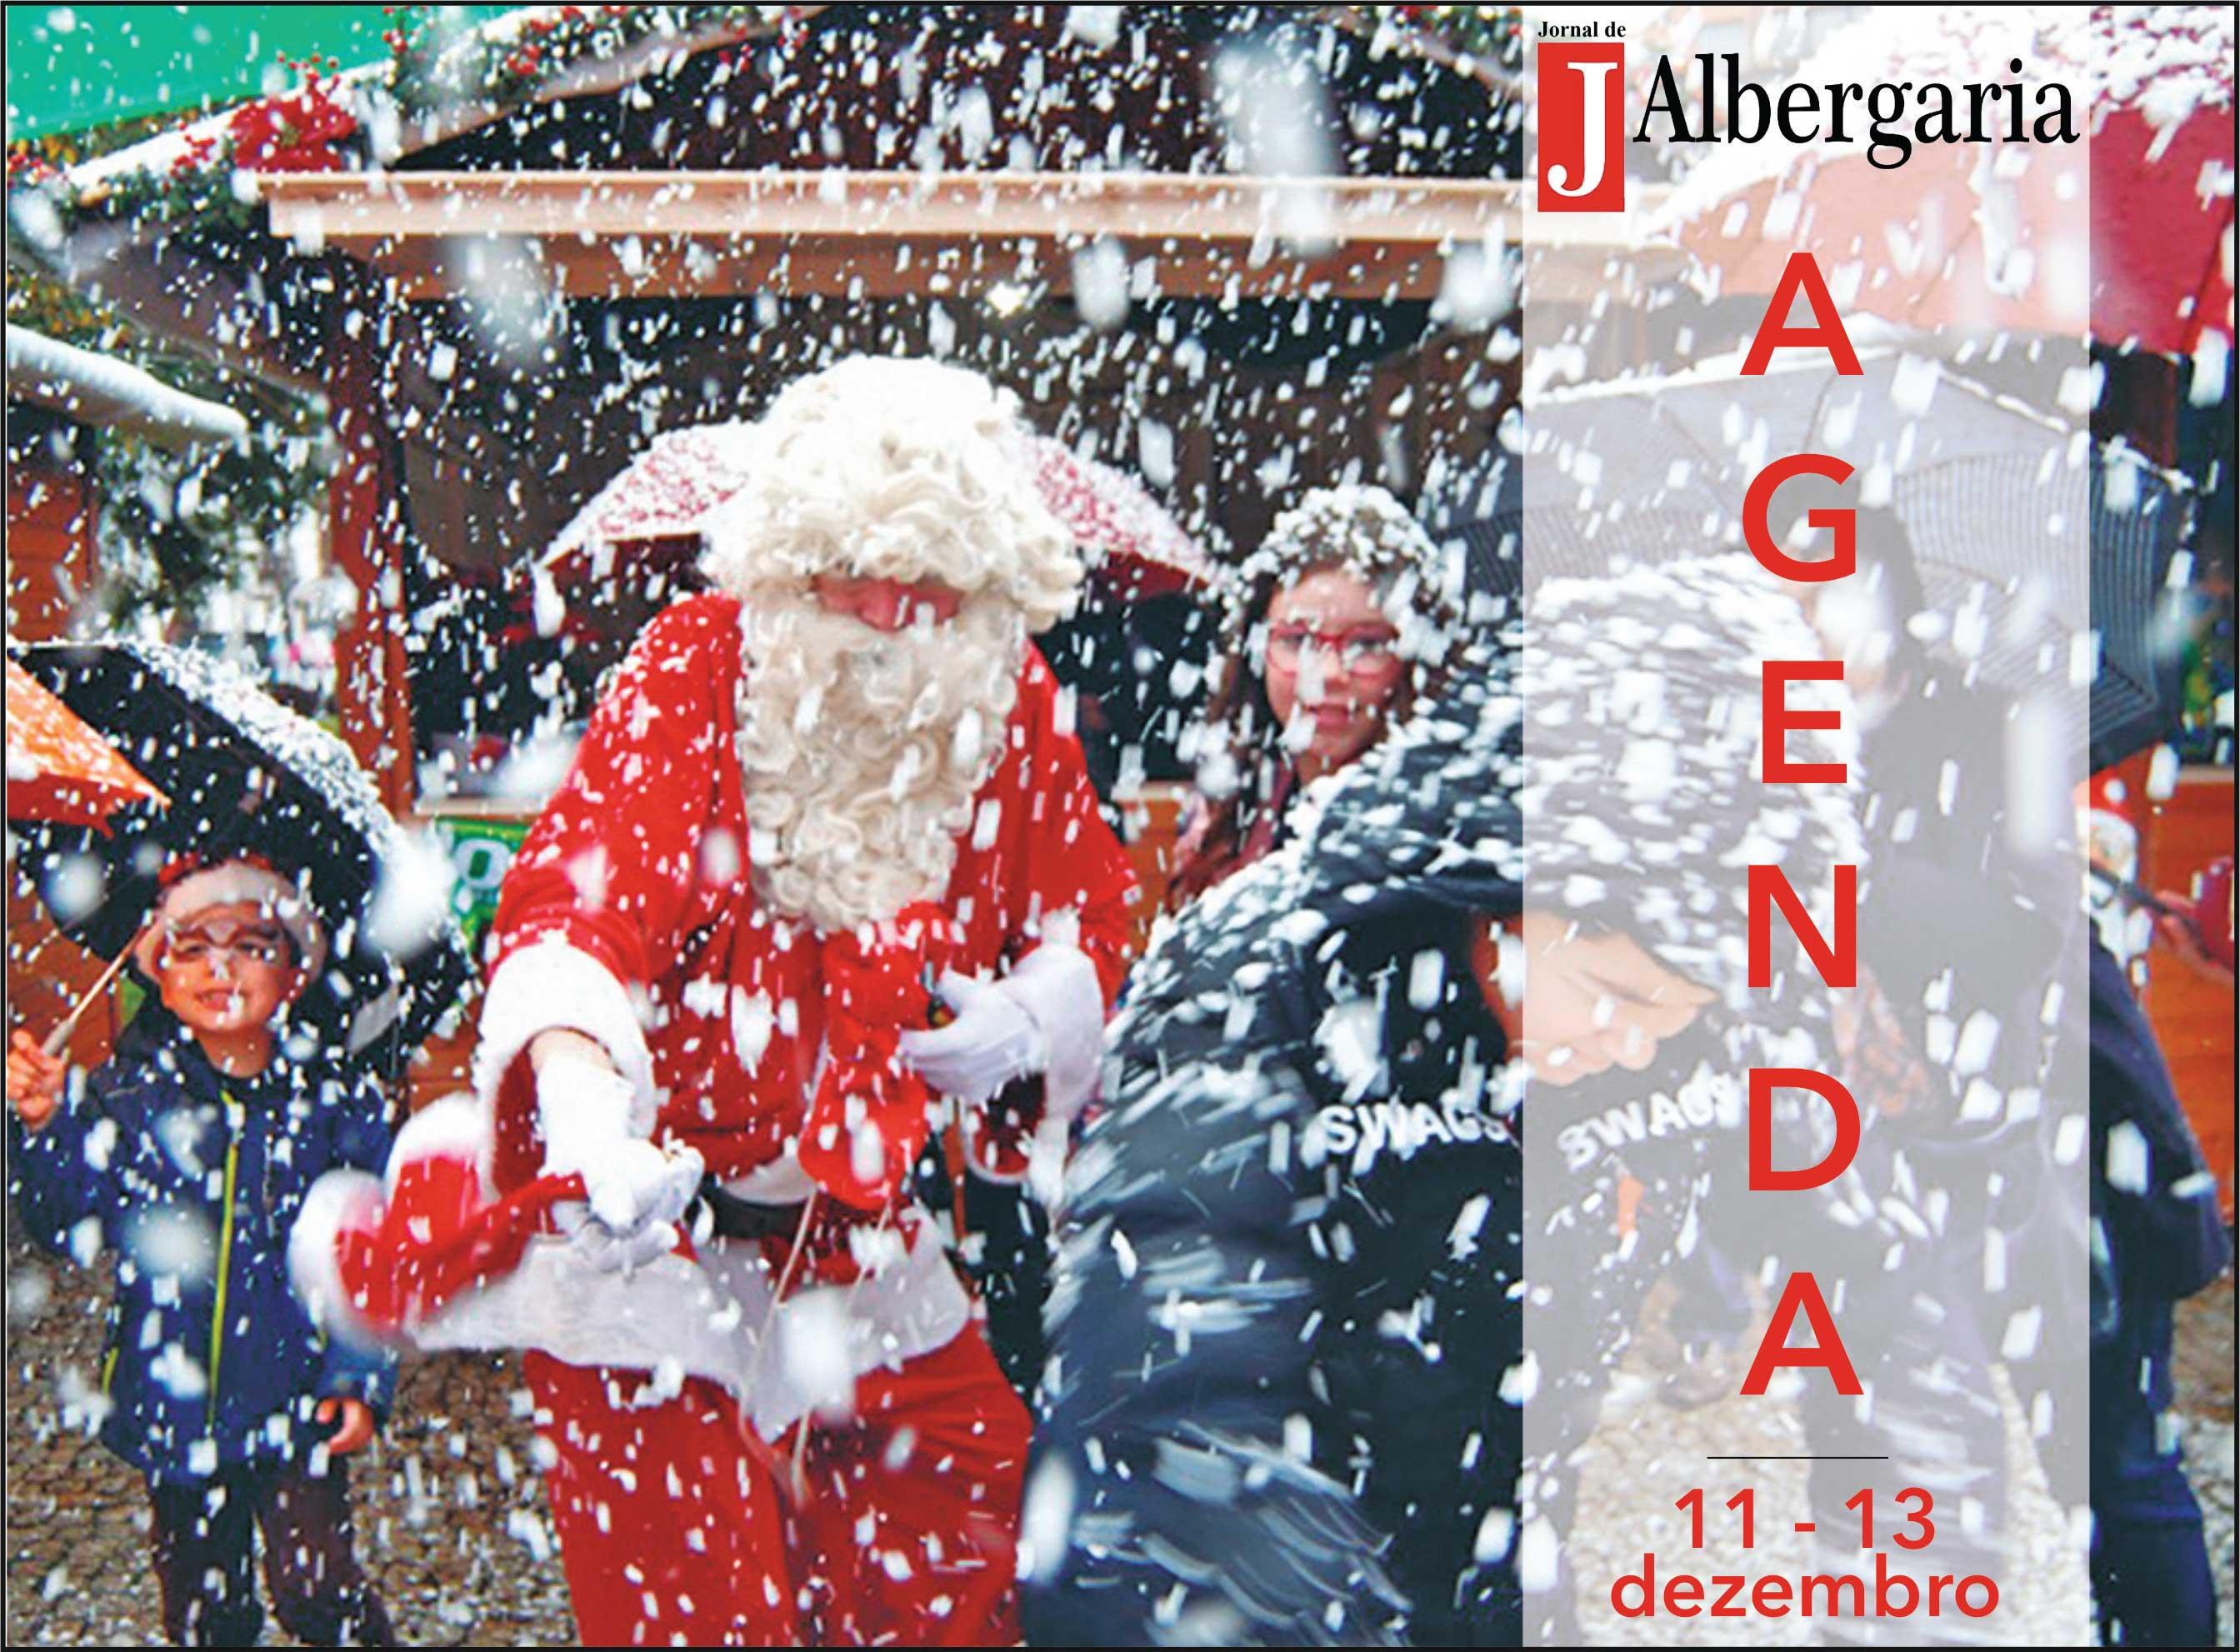 Agenda de Fim de Semana de 11 a 13 de dezembro